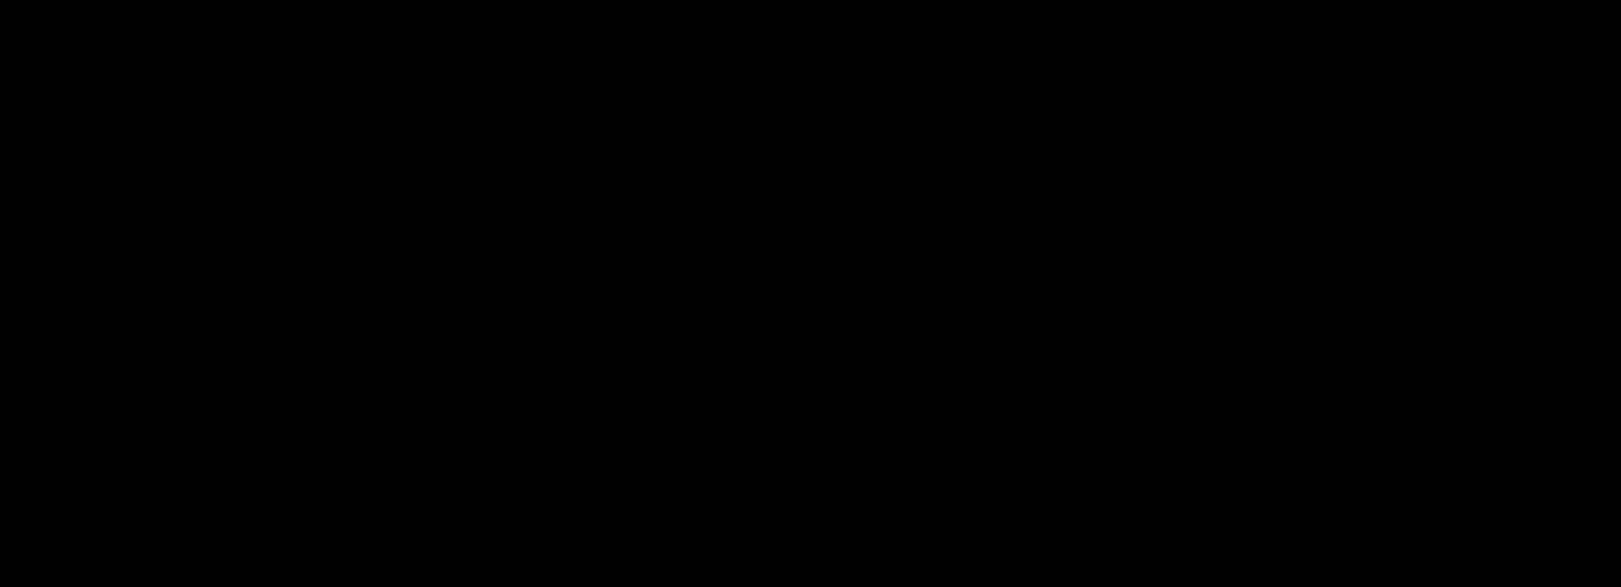 3-(5-Nitro-2-thiophene)acrylic Acid-d<sub>4</sub> Sulfadimidine Amide